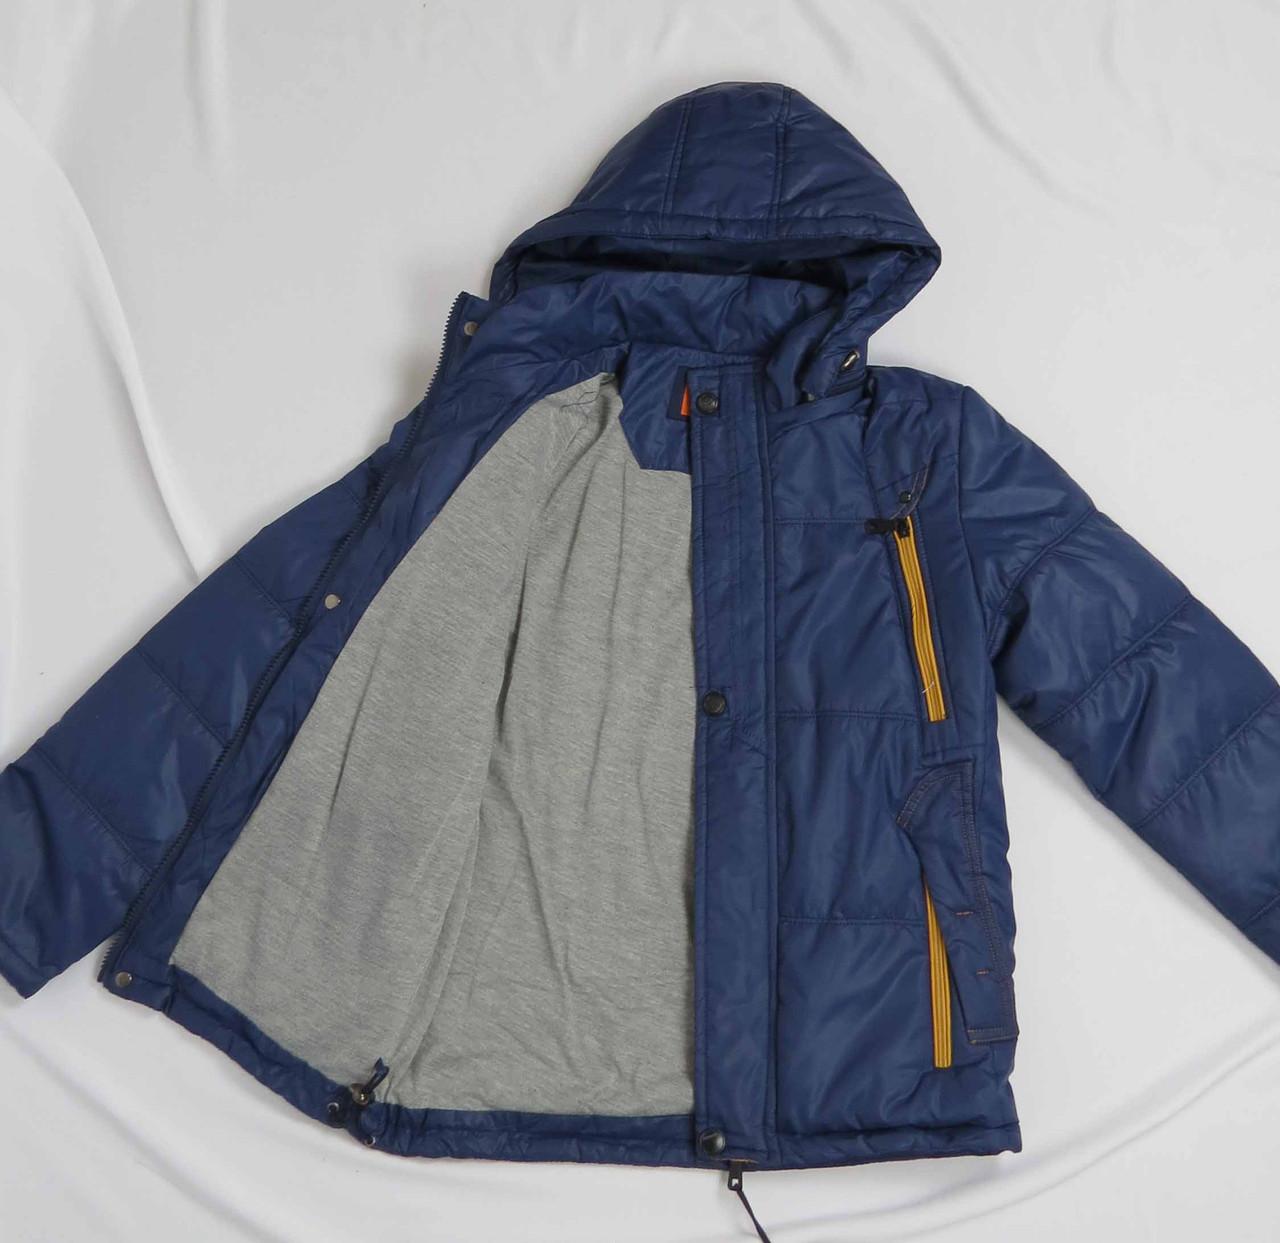 Куртка код 606 подросток, размеры рост 128 см - 152 см, размеры 7 лет - 12 лет, фото 2